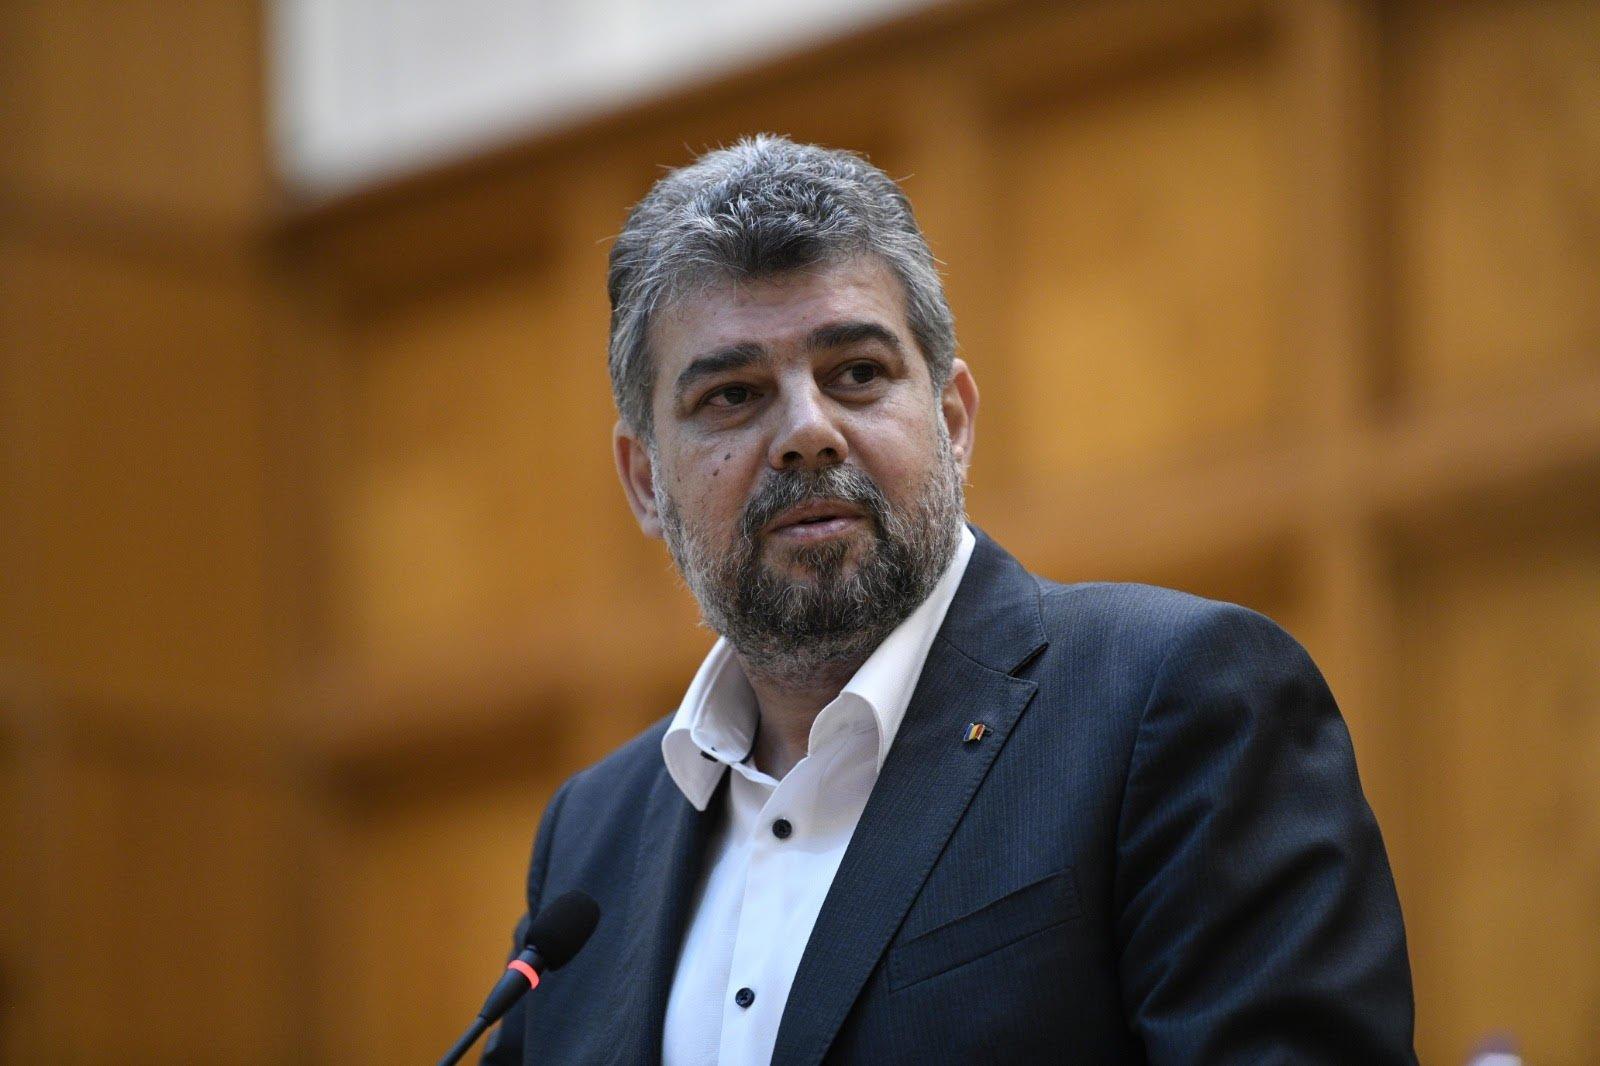 Rumunija: Ciolacu pozvao političke partije da prekinu političke konflikte